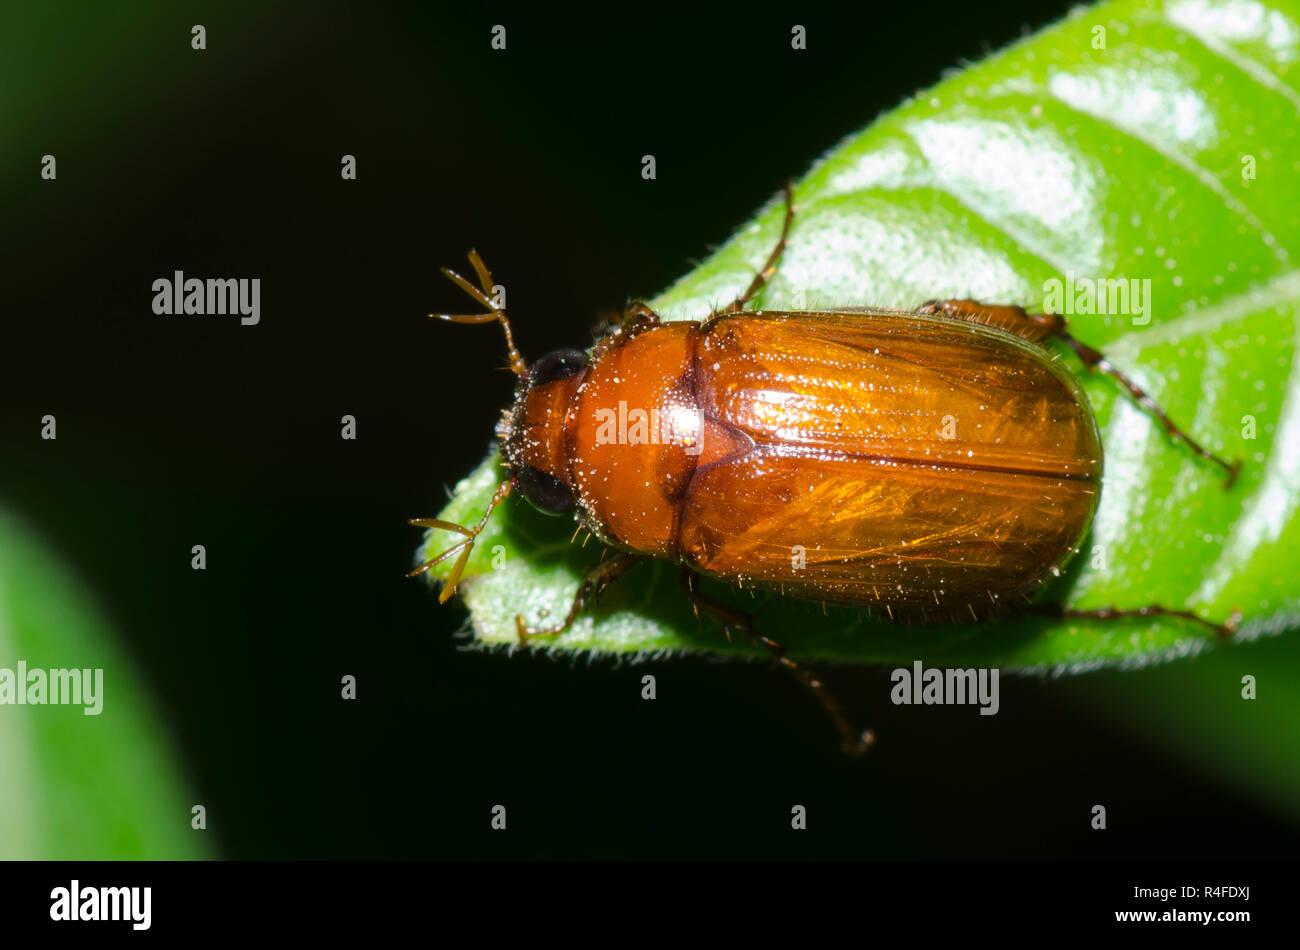 may-beetle-serica-sp-R4FDXJ.jpg